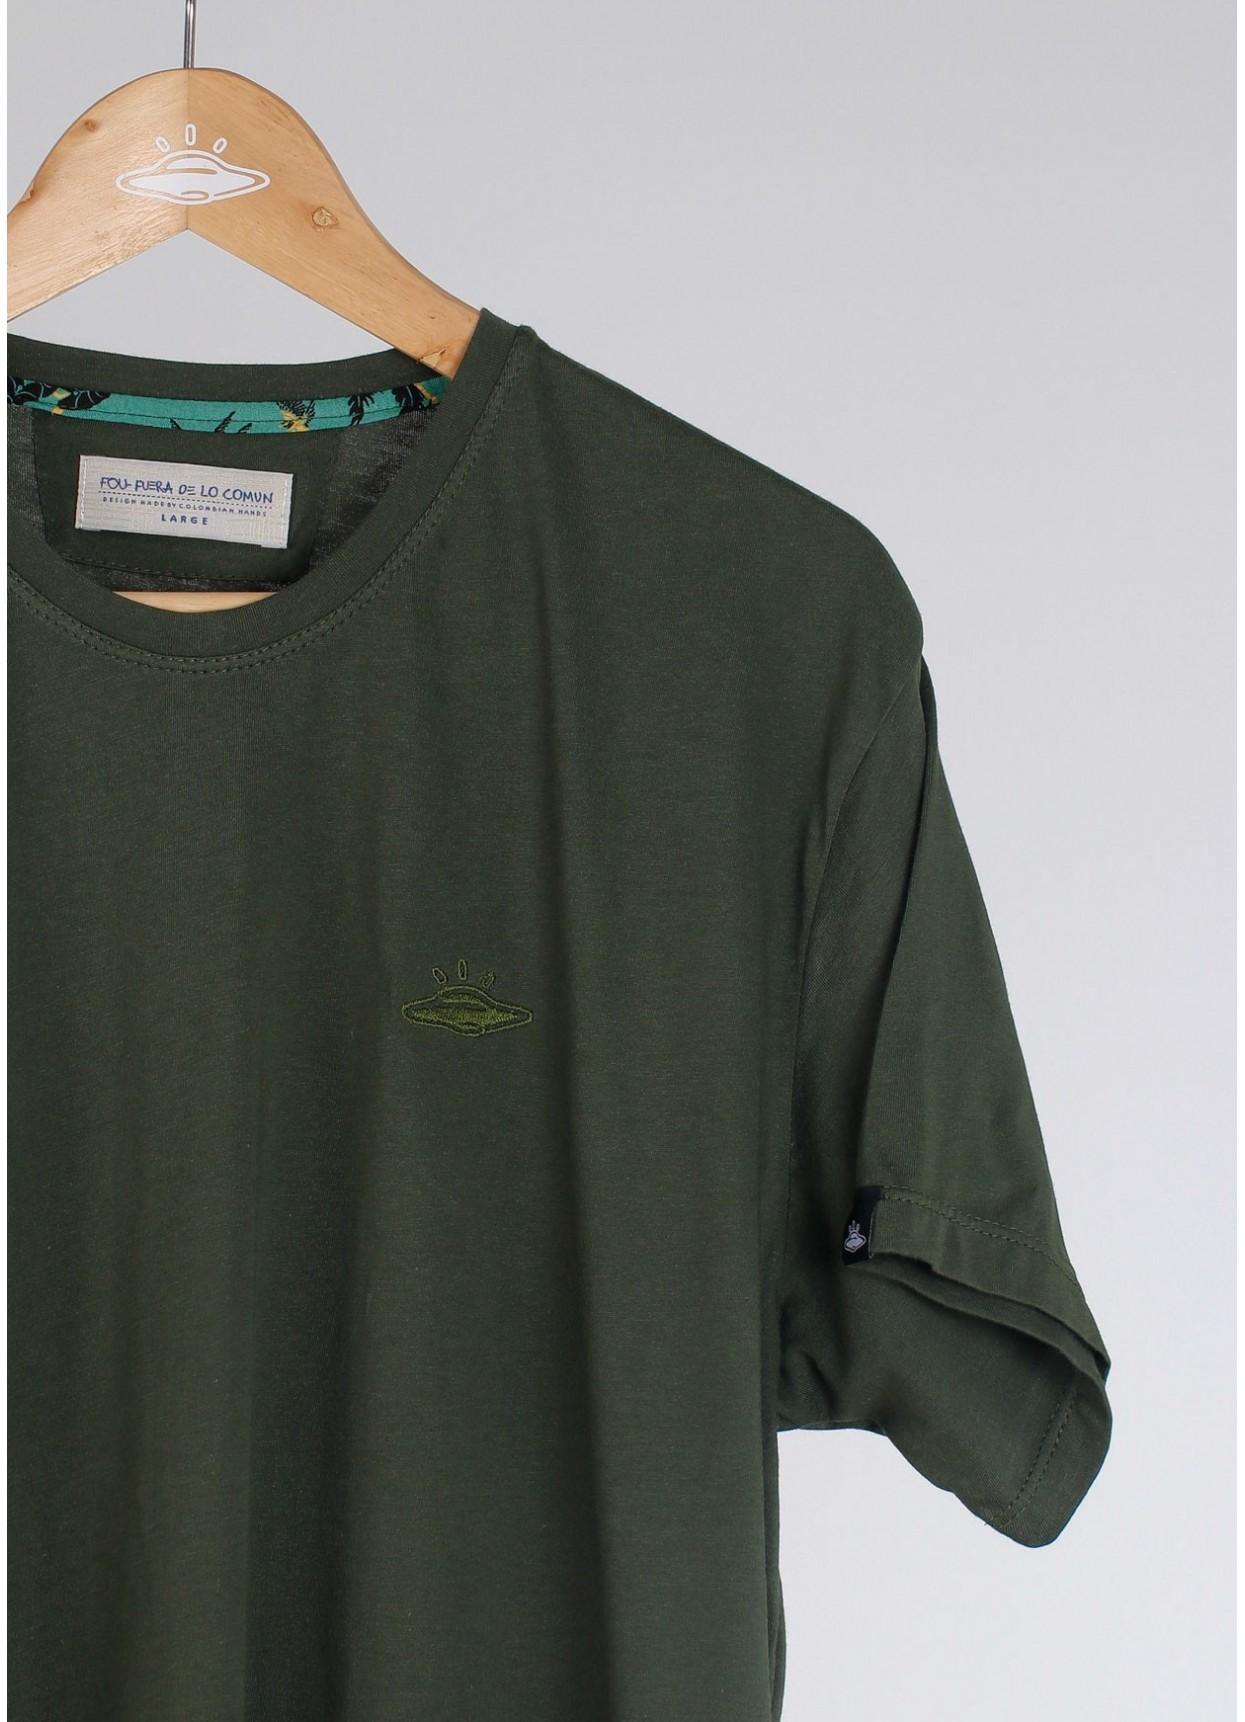 Camiseta básica de hombre Ovni Verde Militar.